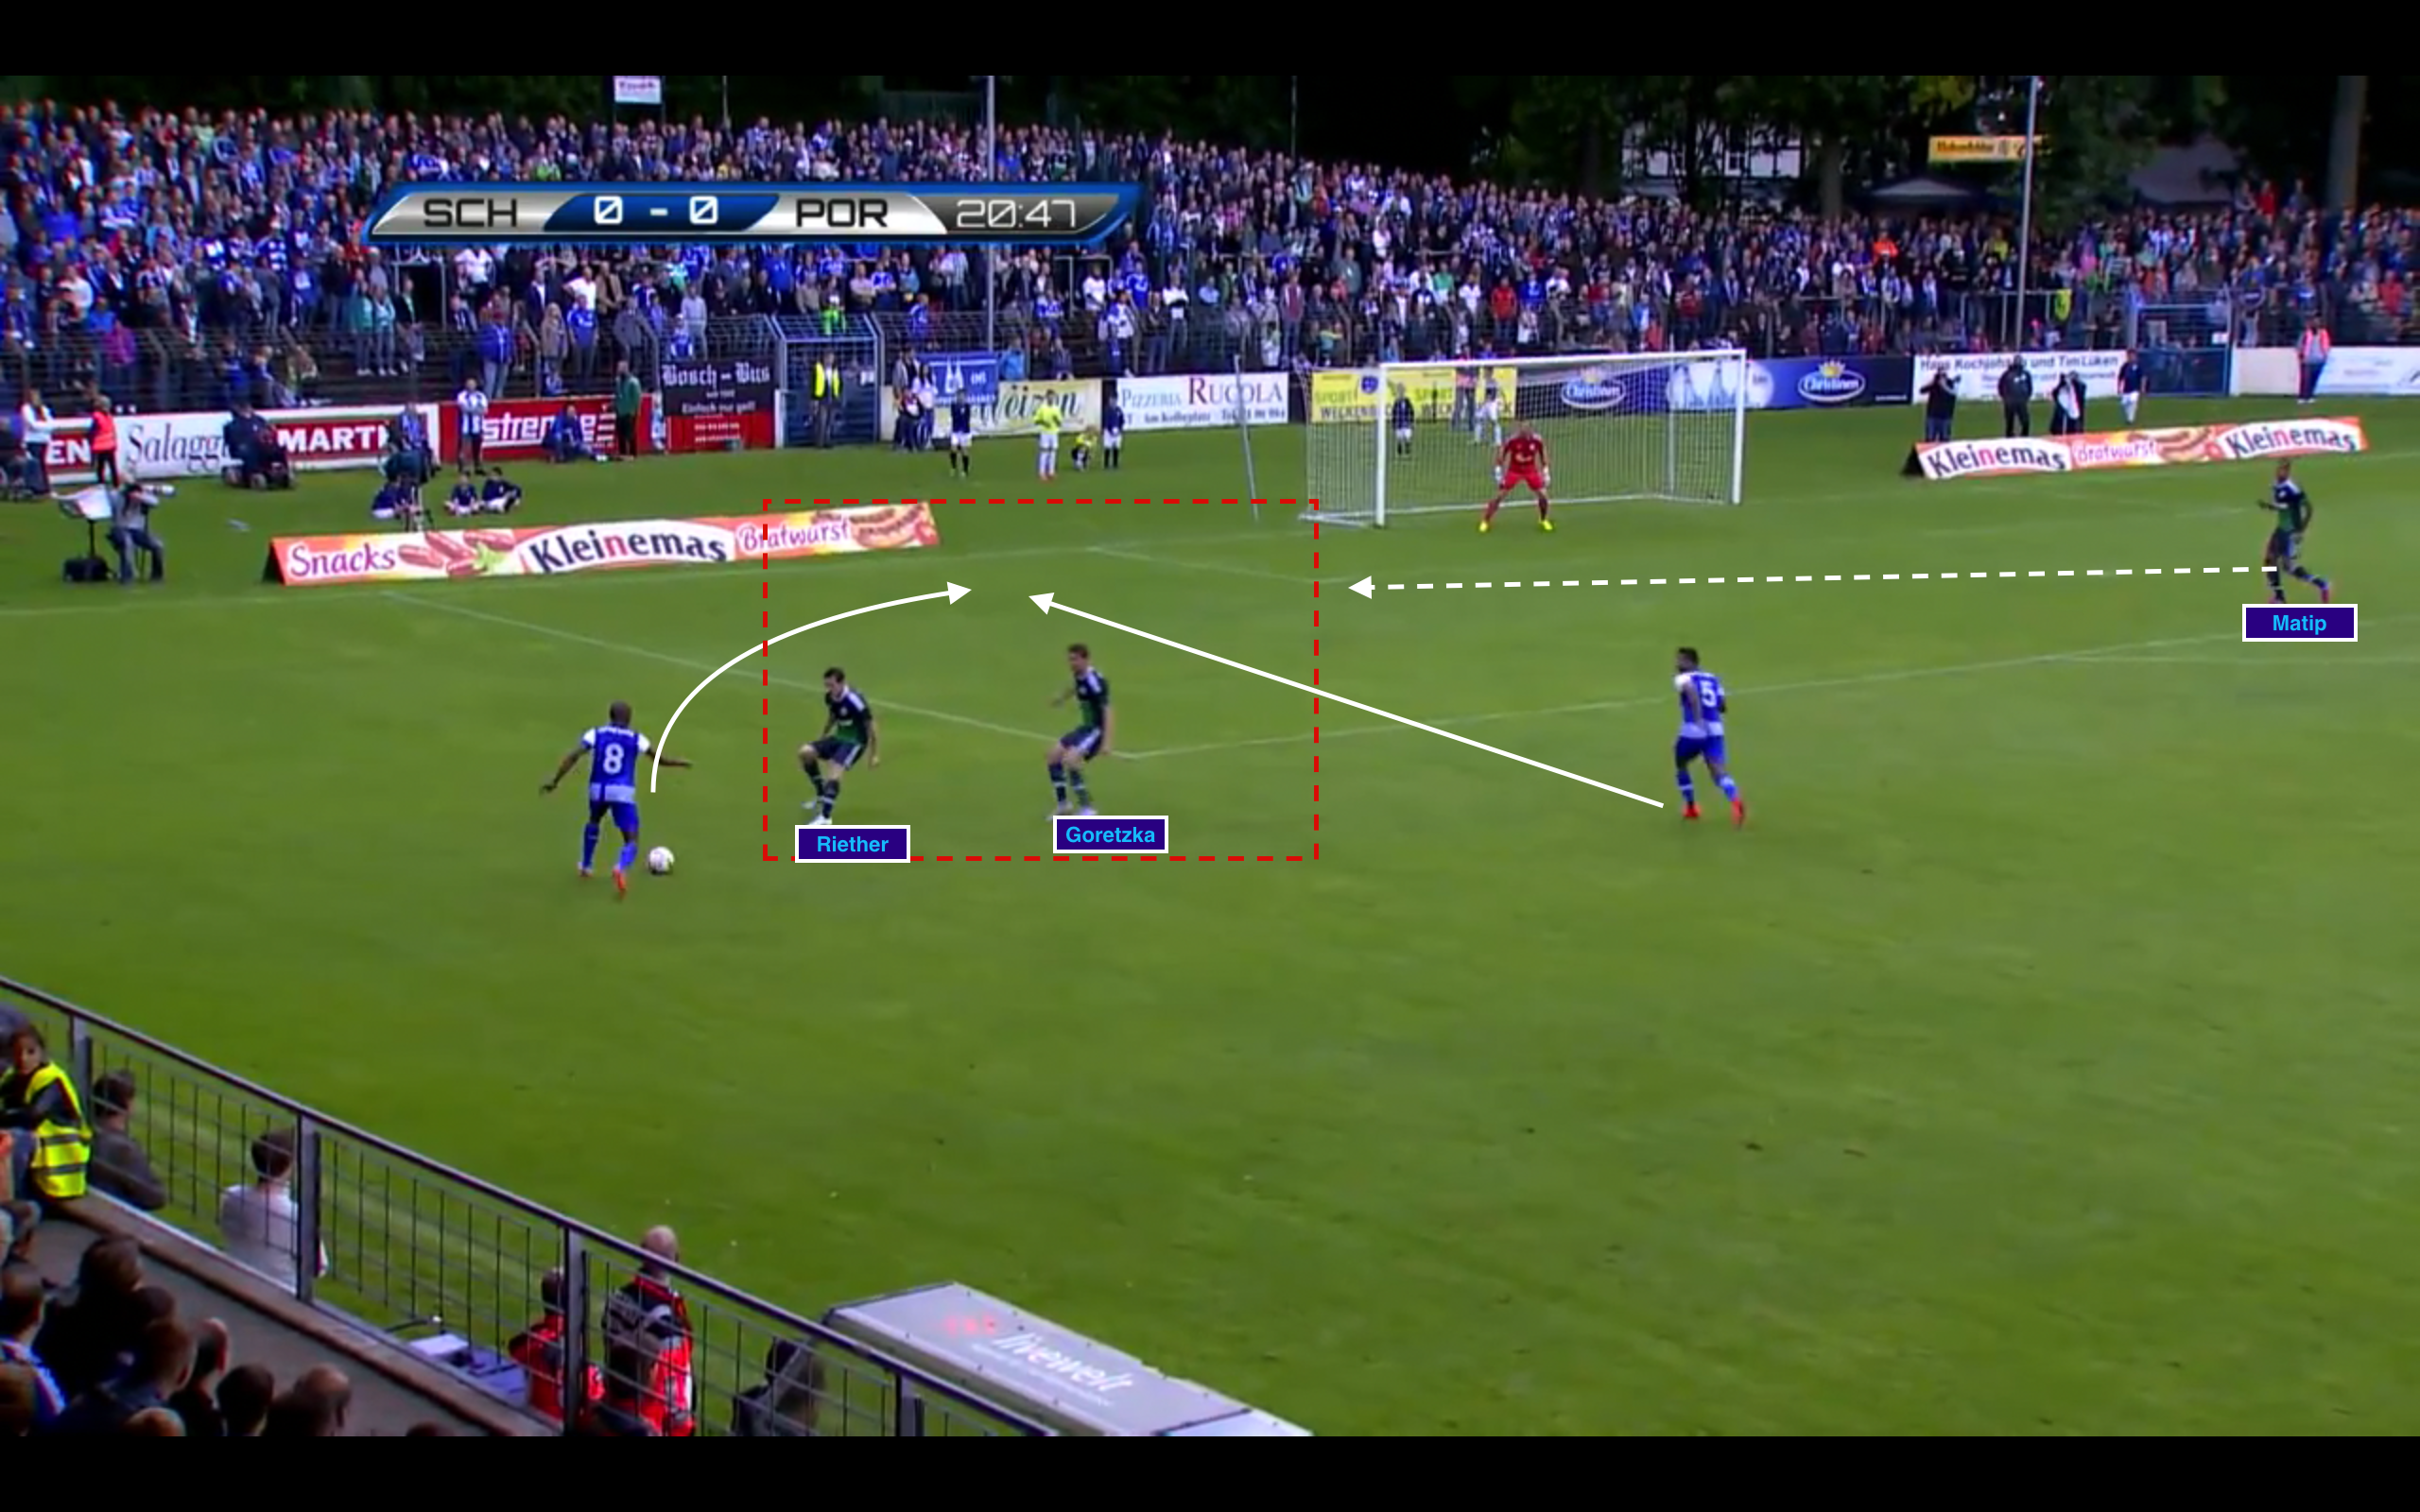 Brahimi hat den Ball. Goretzka und Riether doppeln. Matip sichert das Zentrum und eine mögliche Flanke ab. Alex Sandro läuft nun mit schnellem Tempo in den offenen Raum und bekommt den Ball, den er nun etwas stumpf auf den Kasten hämmert. Allerdings sieht man wieder, wie anfällig Schalke bei solchen simplen Angriffen ist.